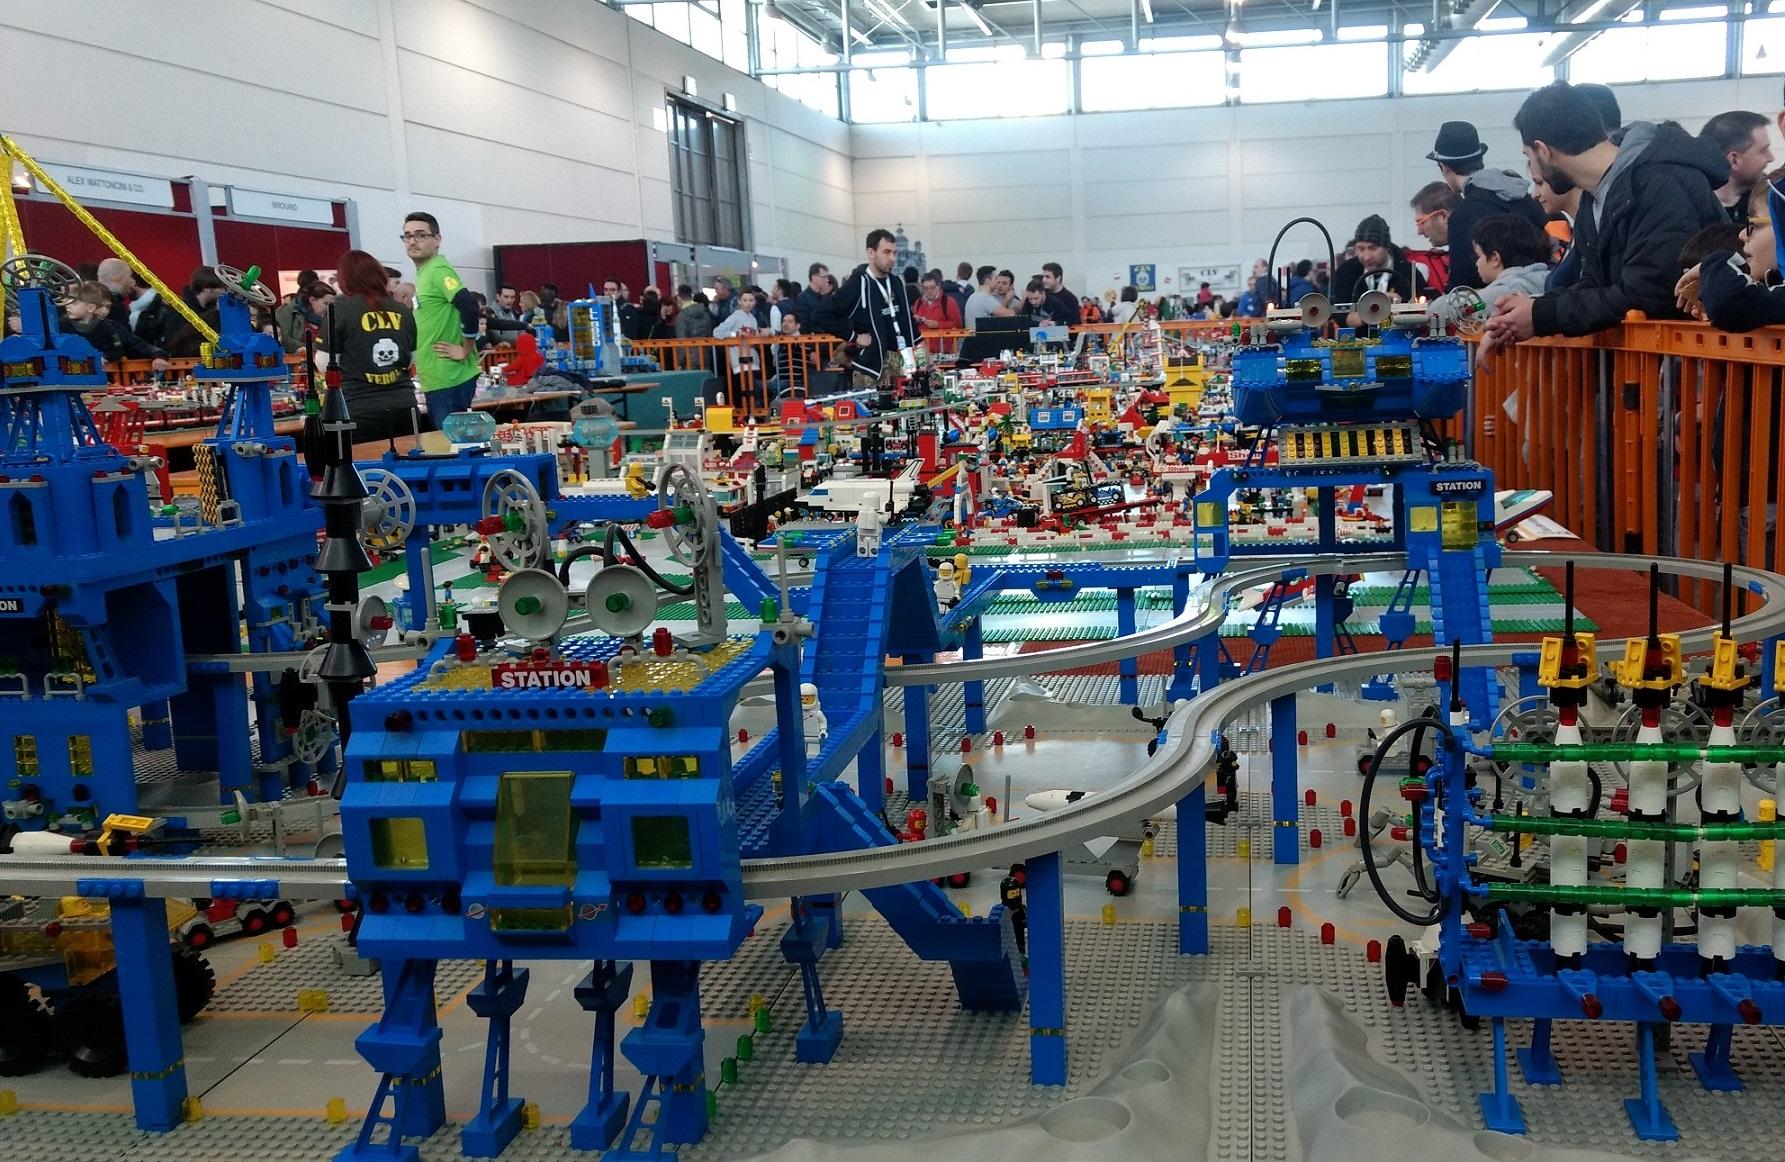 Photo of Torino invasa da modellismo, giochi, realtà virtuale, Lego e anime giapponesi